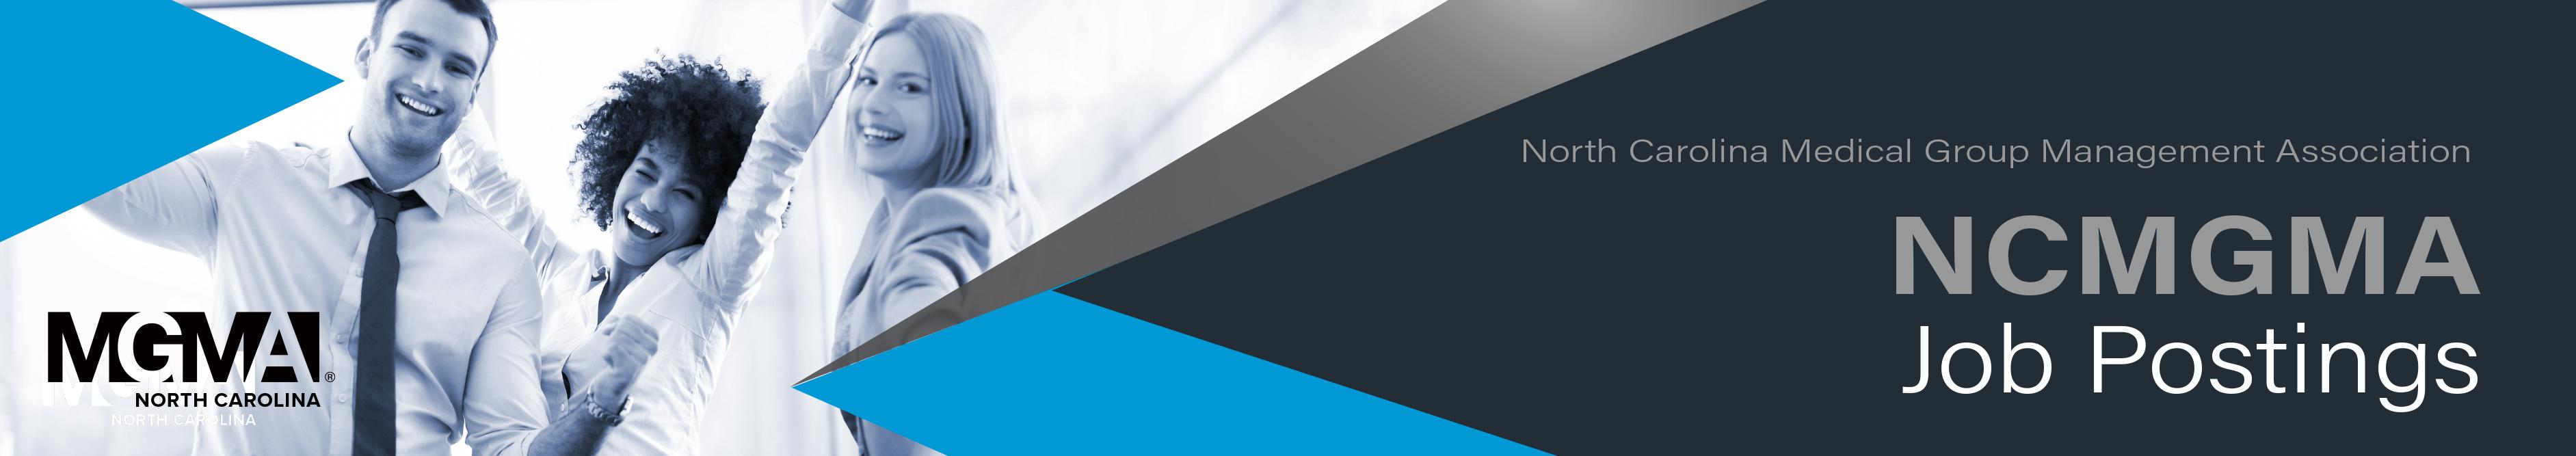 NCMGMA NewsFlash Header